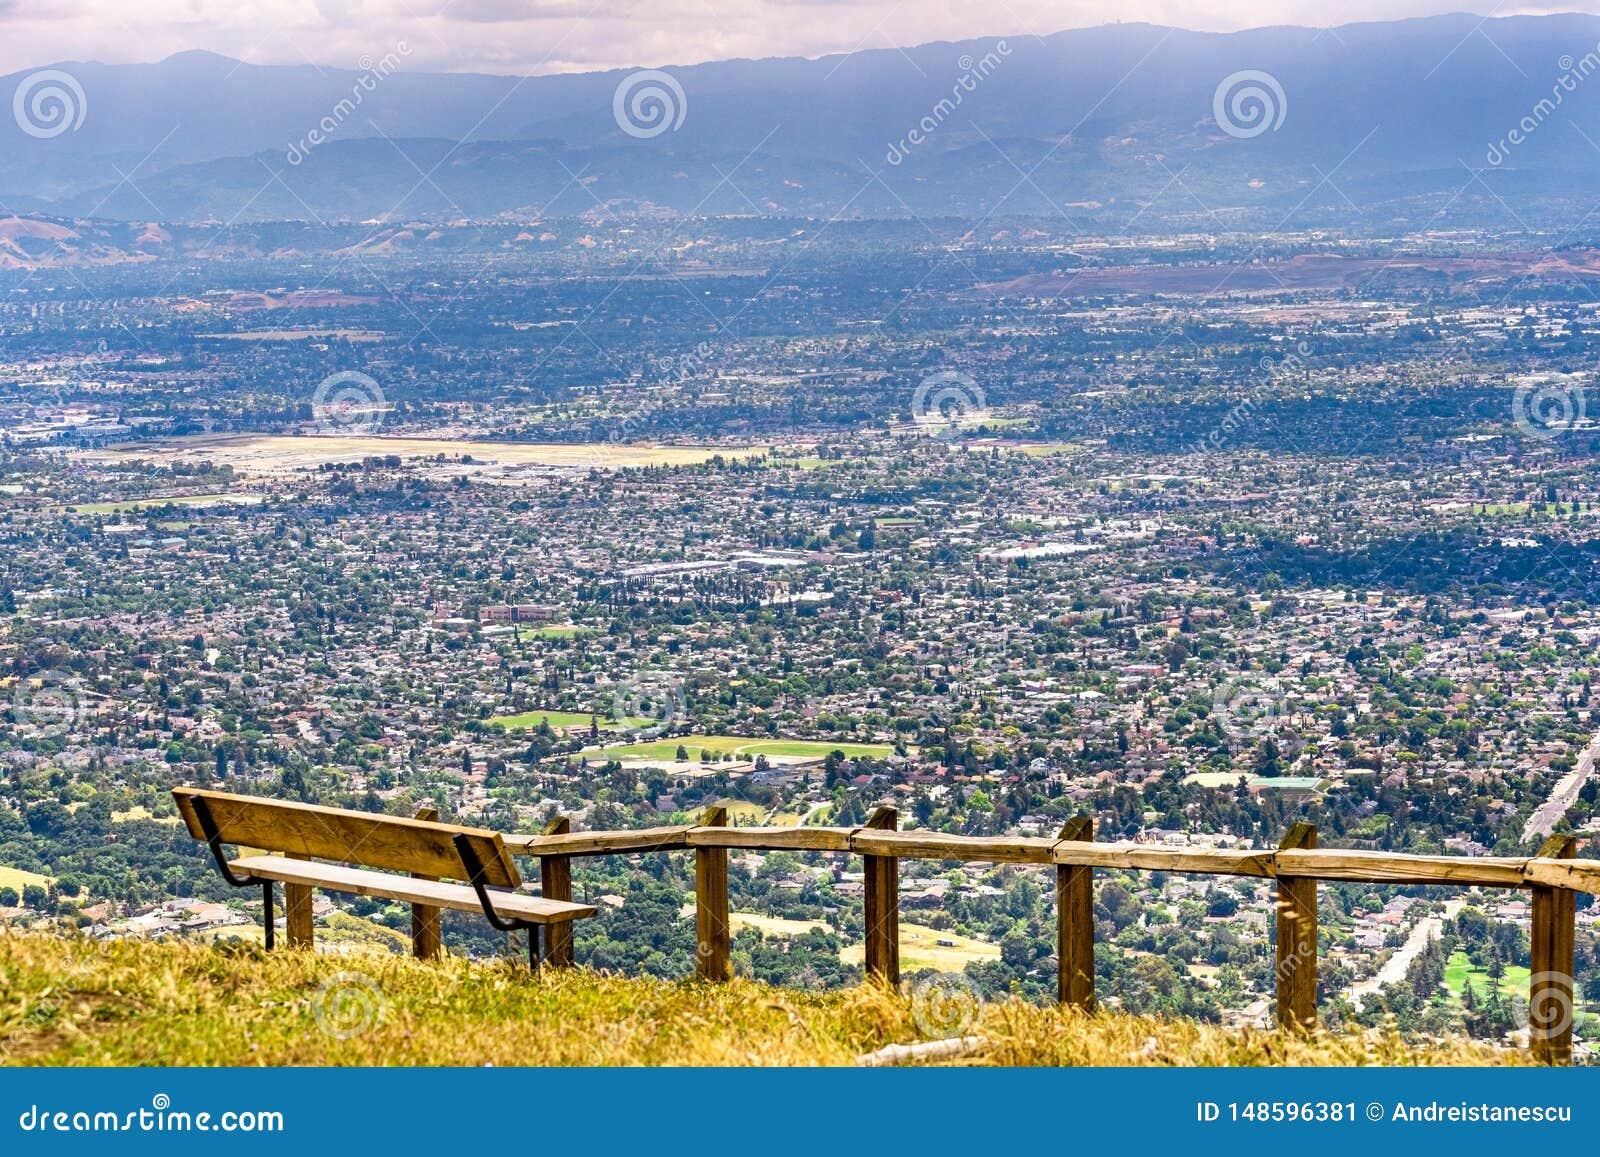 Utsiktpunkt som förbiser San Jose, hjärtan av Silicon Valley; södra San Francisco Bay område, Kalifornien